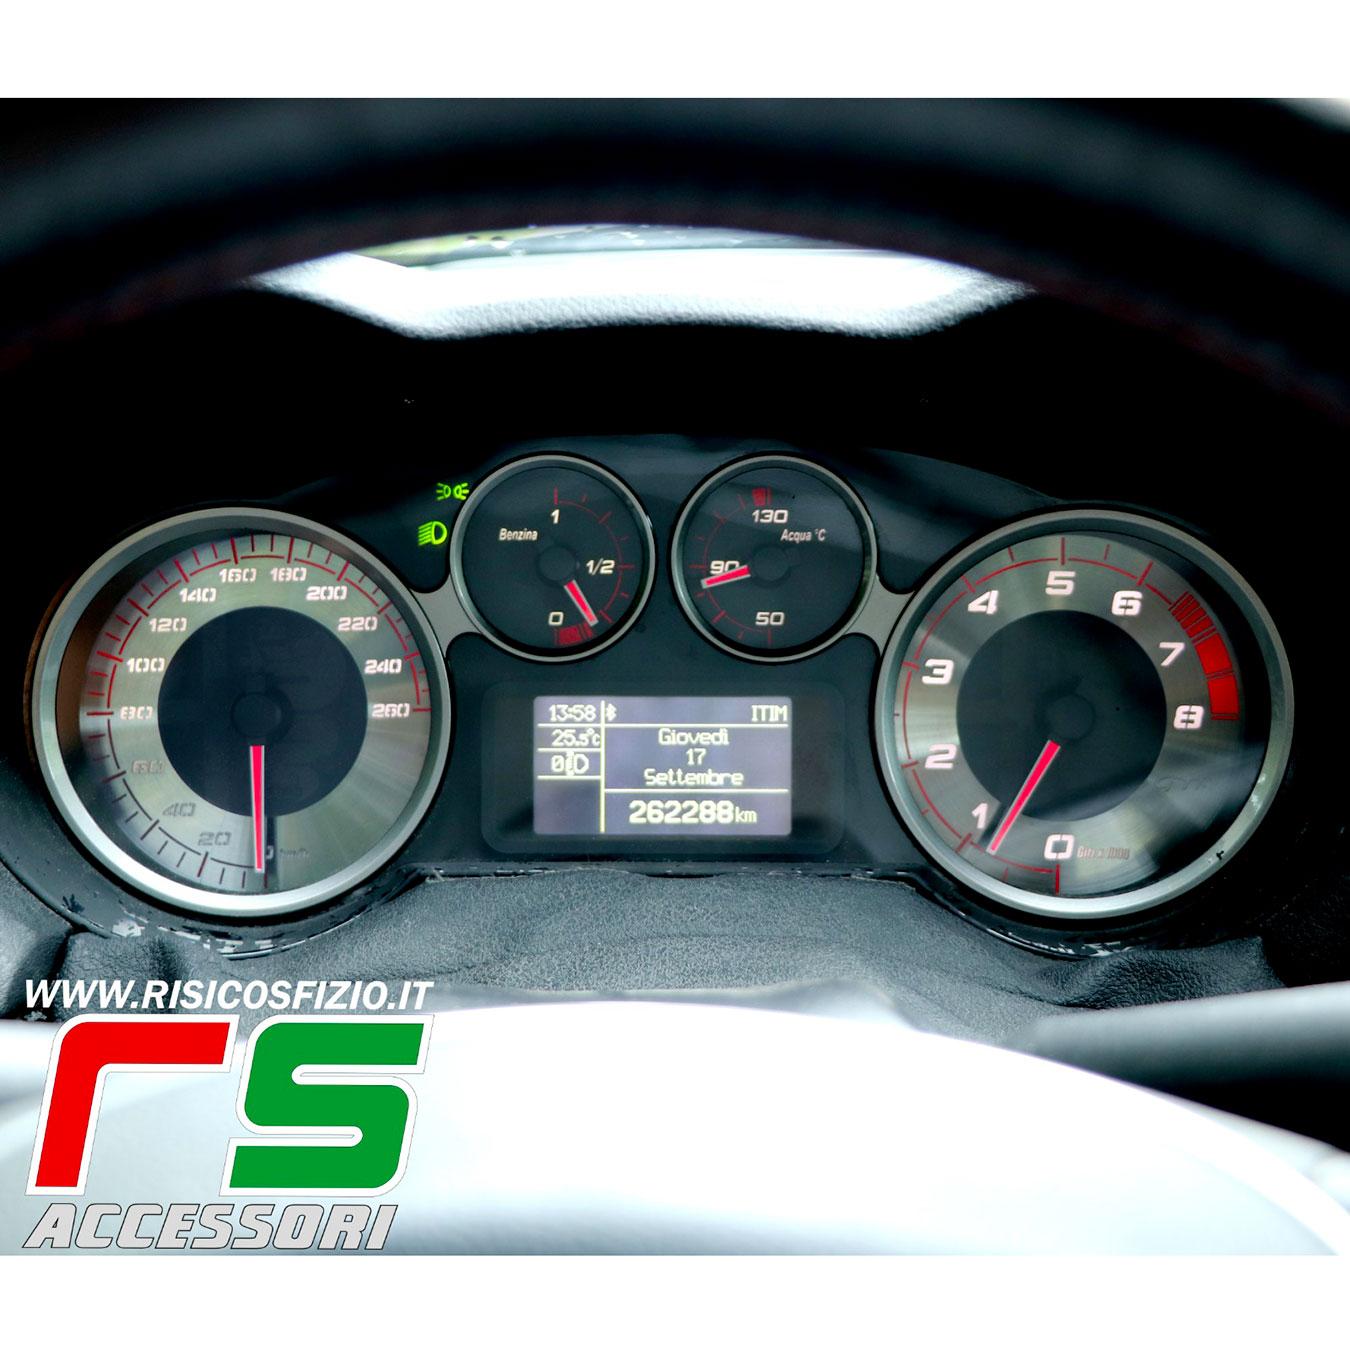 customized Alfa Romeo Mito GTA replica instrumentation